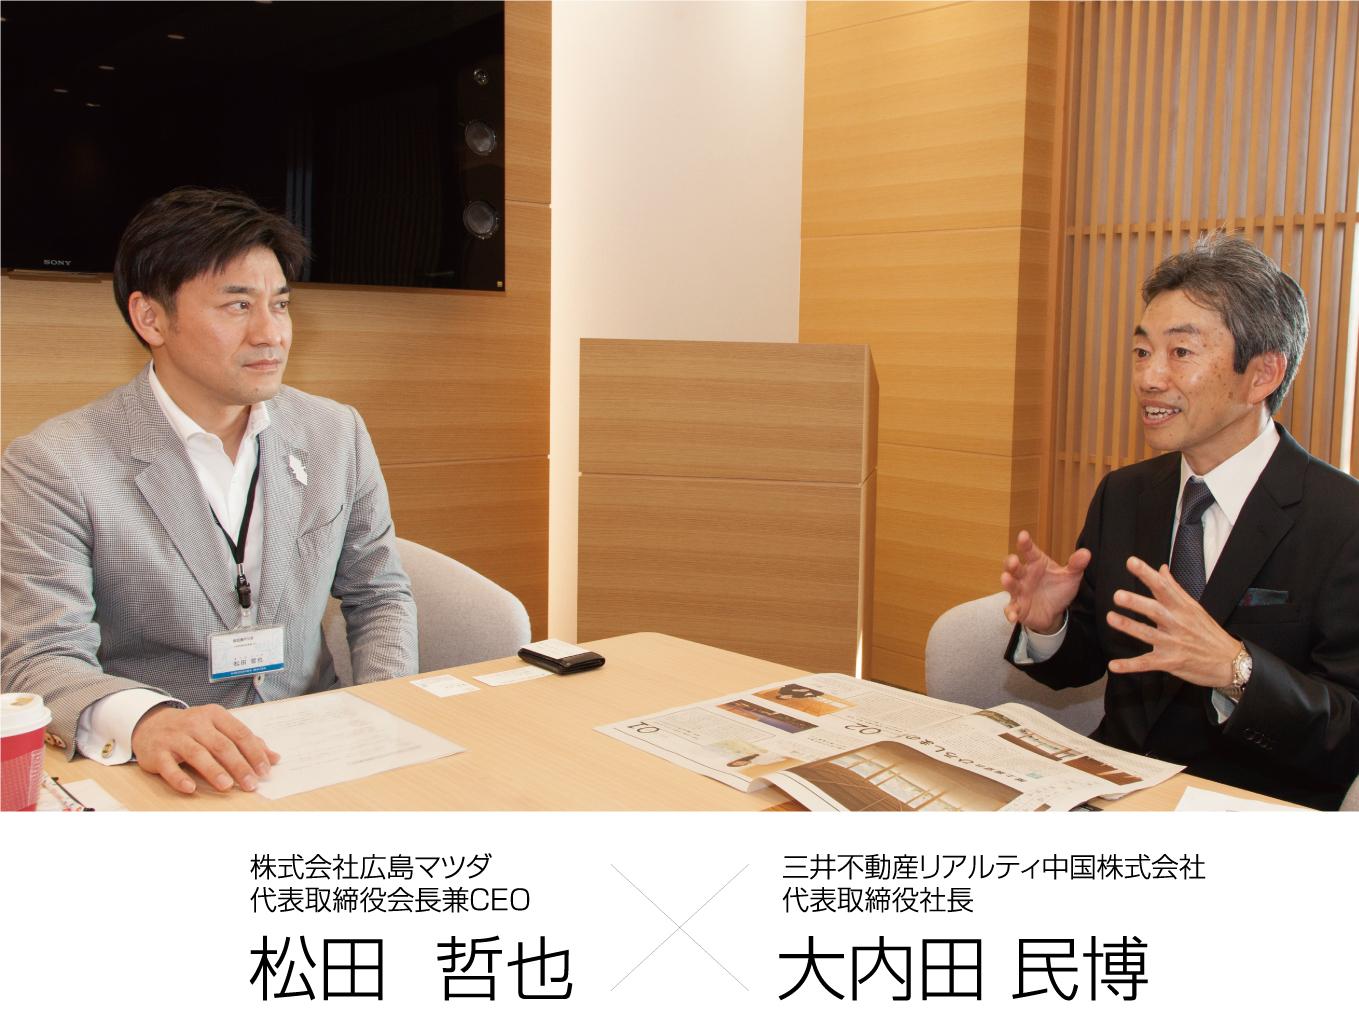 【広島版】地域貢献から考える 広島の活性化。